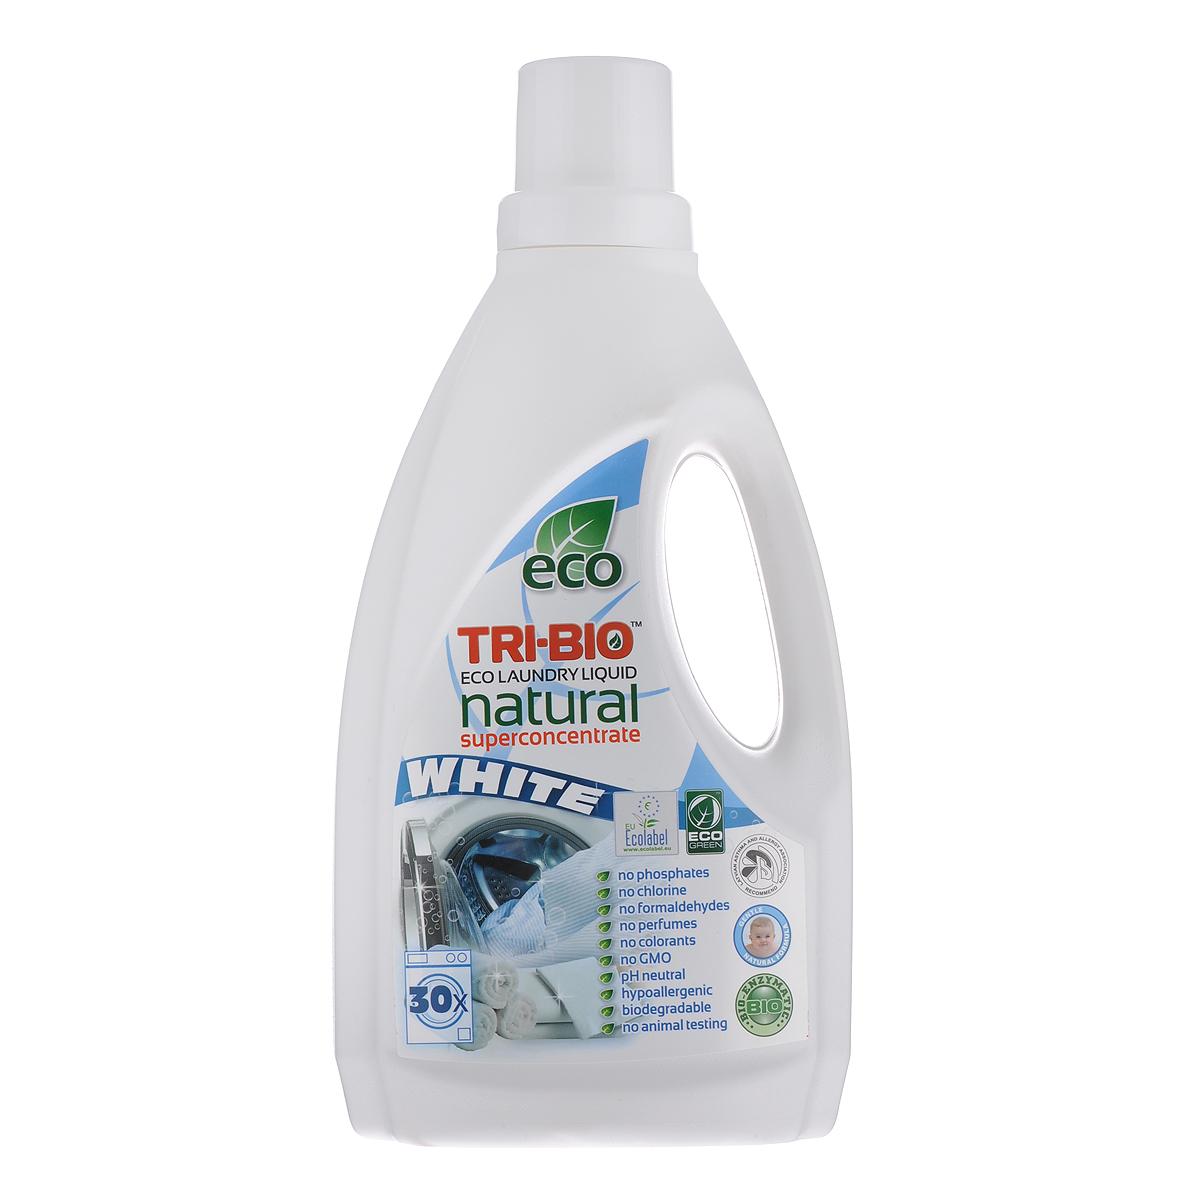 Натуральная эко-жидкость для стирки белого белья Tri-Bio, 1,42 л0550Эффективная формула для стирки белого белья основана на био-энзимах и натуральных растительных и минеральных компонентах. Суперконцентрат рассчитан на 30 стирок. Не содержит фосфаты и формальдегиды, эффективно стирает и сохраняет ткани - предотвращает линьку и выцветание, не влияет на качество. Безопасная альтернатива химическим аналогам. Нейтральный pH. Идеально подходит для детского белья и людей с чувствительной кожей. Не содержит ароматов и красителей, рекомендуется для людей, склонных к аллергиям и астме. Для здоровья: Без фосфатов, растворителей, хлора отбеливающих веществ, абразивных веществ, отдушек, красителей, токсичных веществ. Для окружающей среды: Низкий уровень ЛОС, легко биоразлагаемо, минимальное влияние на водные организмы, рециклируемые упаковочные материалы, не испытывалось на животных. Присвоены сертификаты EU Ecolabel и ECO GREEN.